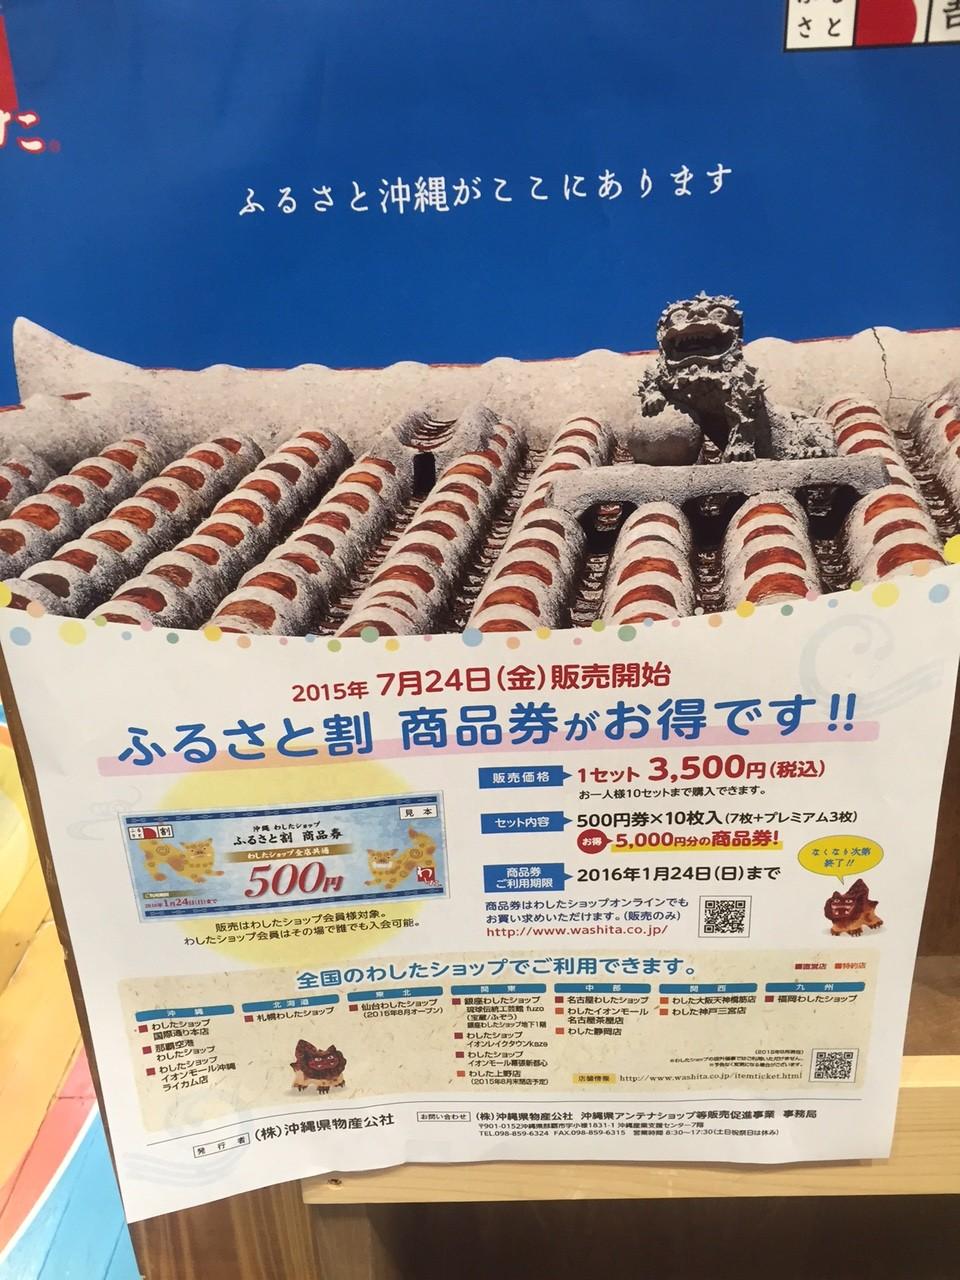 沖縄のアンテナショップ「わしたショップ 銀座」でふるさと割商品券が売ってるよ